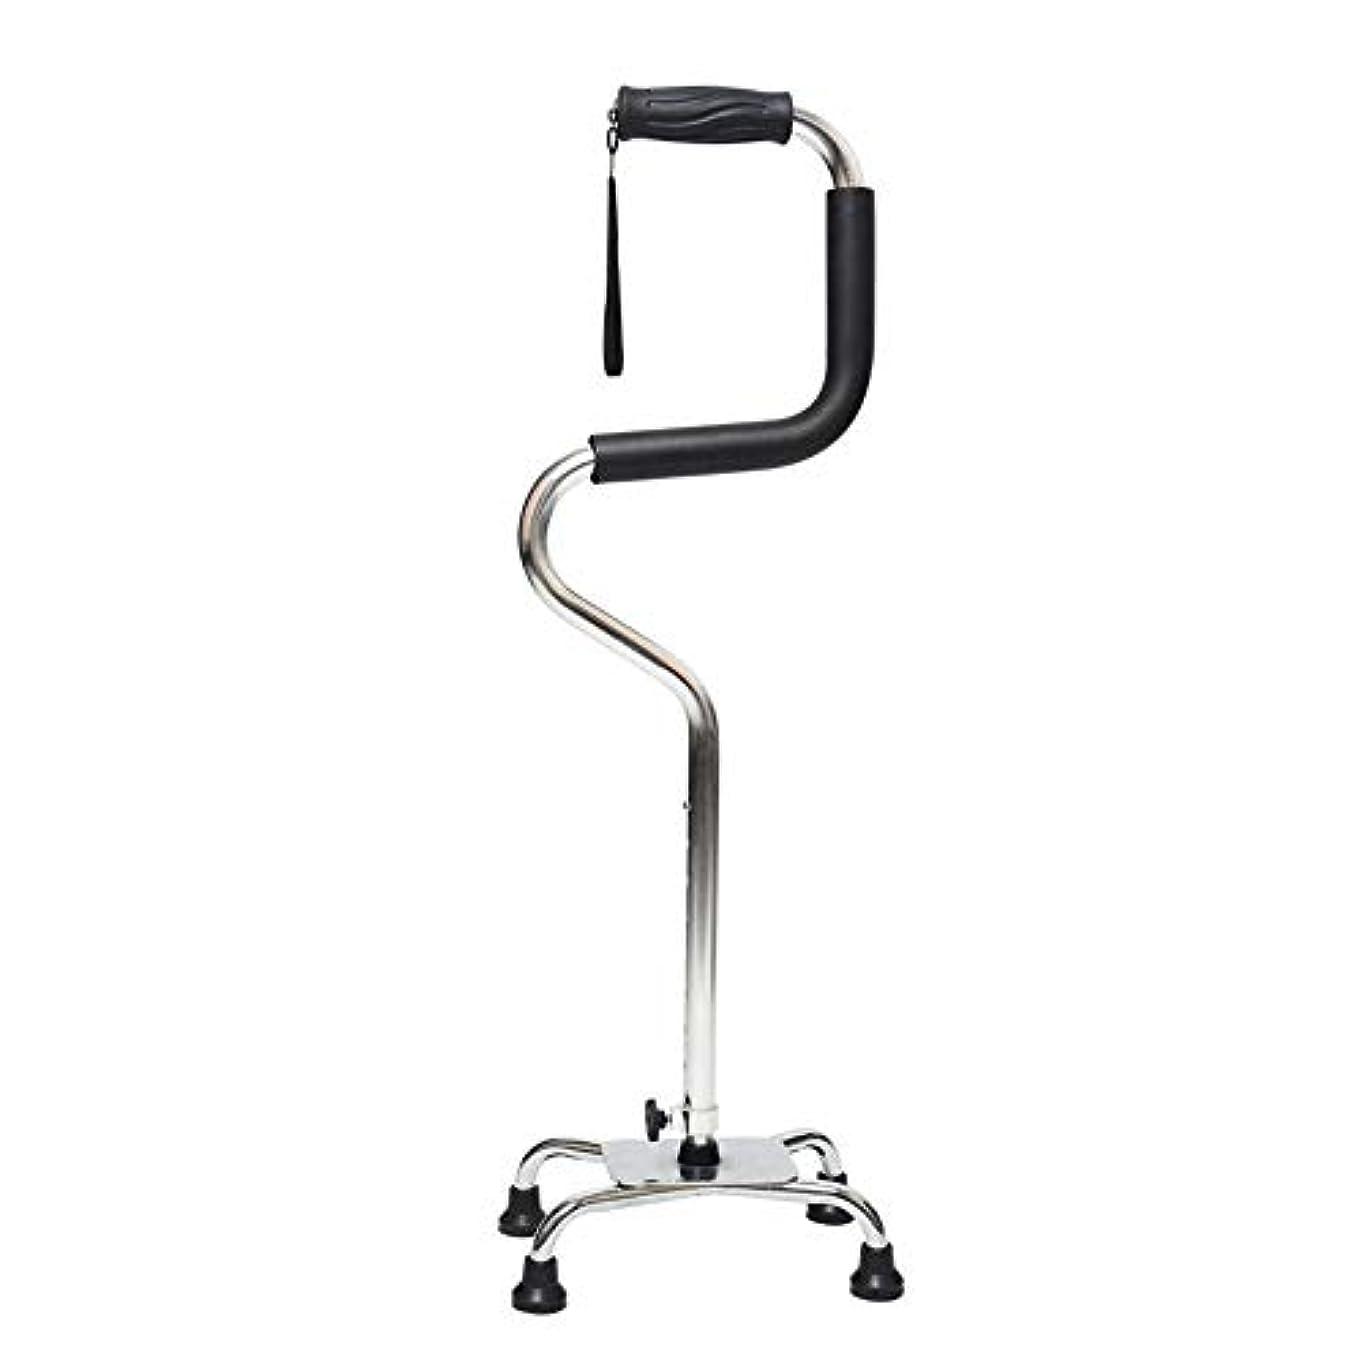 コーヒーメッセージポテト高齢者の杖、身体障害者のための調節可能な歩行杖格納式4フィート滑り止め松葉杖,Silver